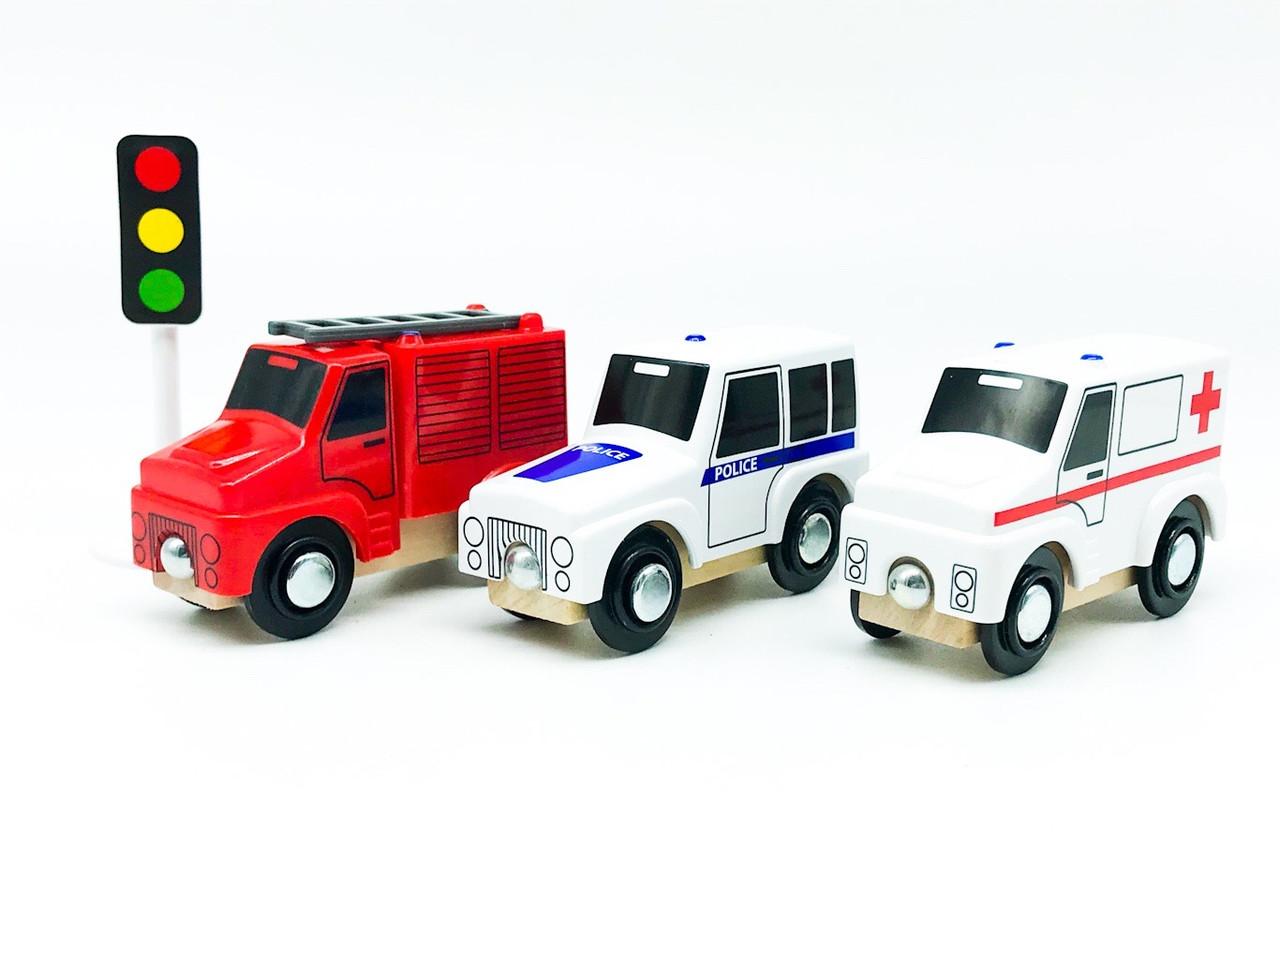 Набір машинок для дерев'яної залізниці PlayTive Ikea Brio Рятувальні машини 3 шт